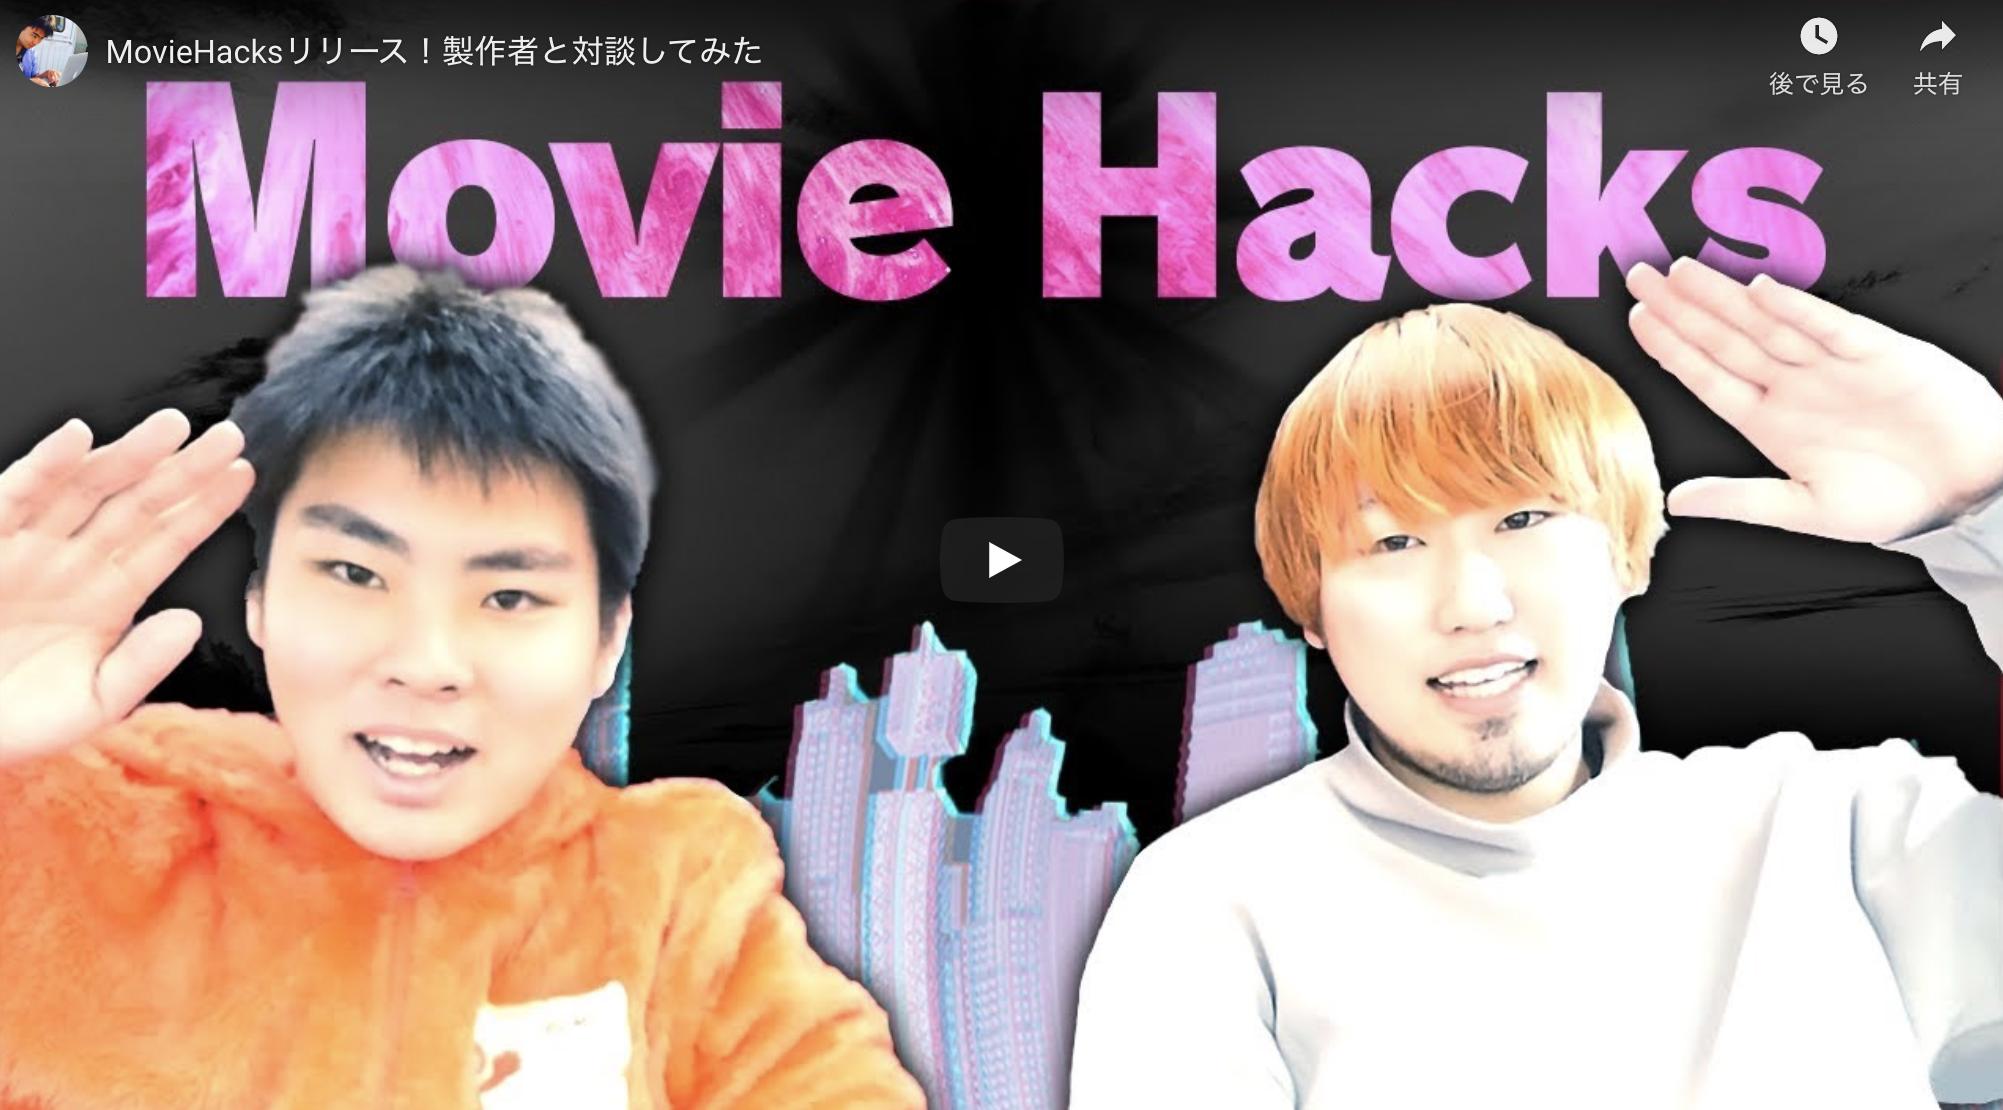 【前提】動画編集教材・MovieHacks(ムービーハックス)について